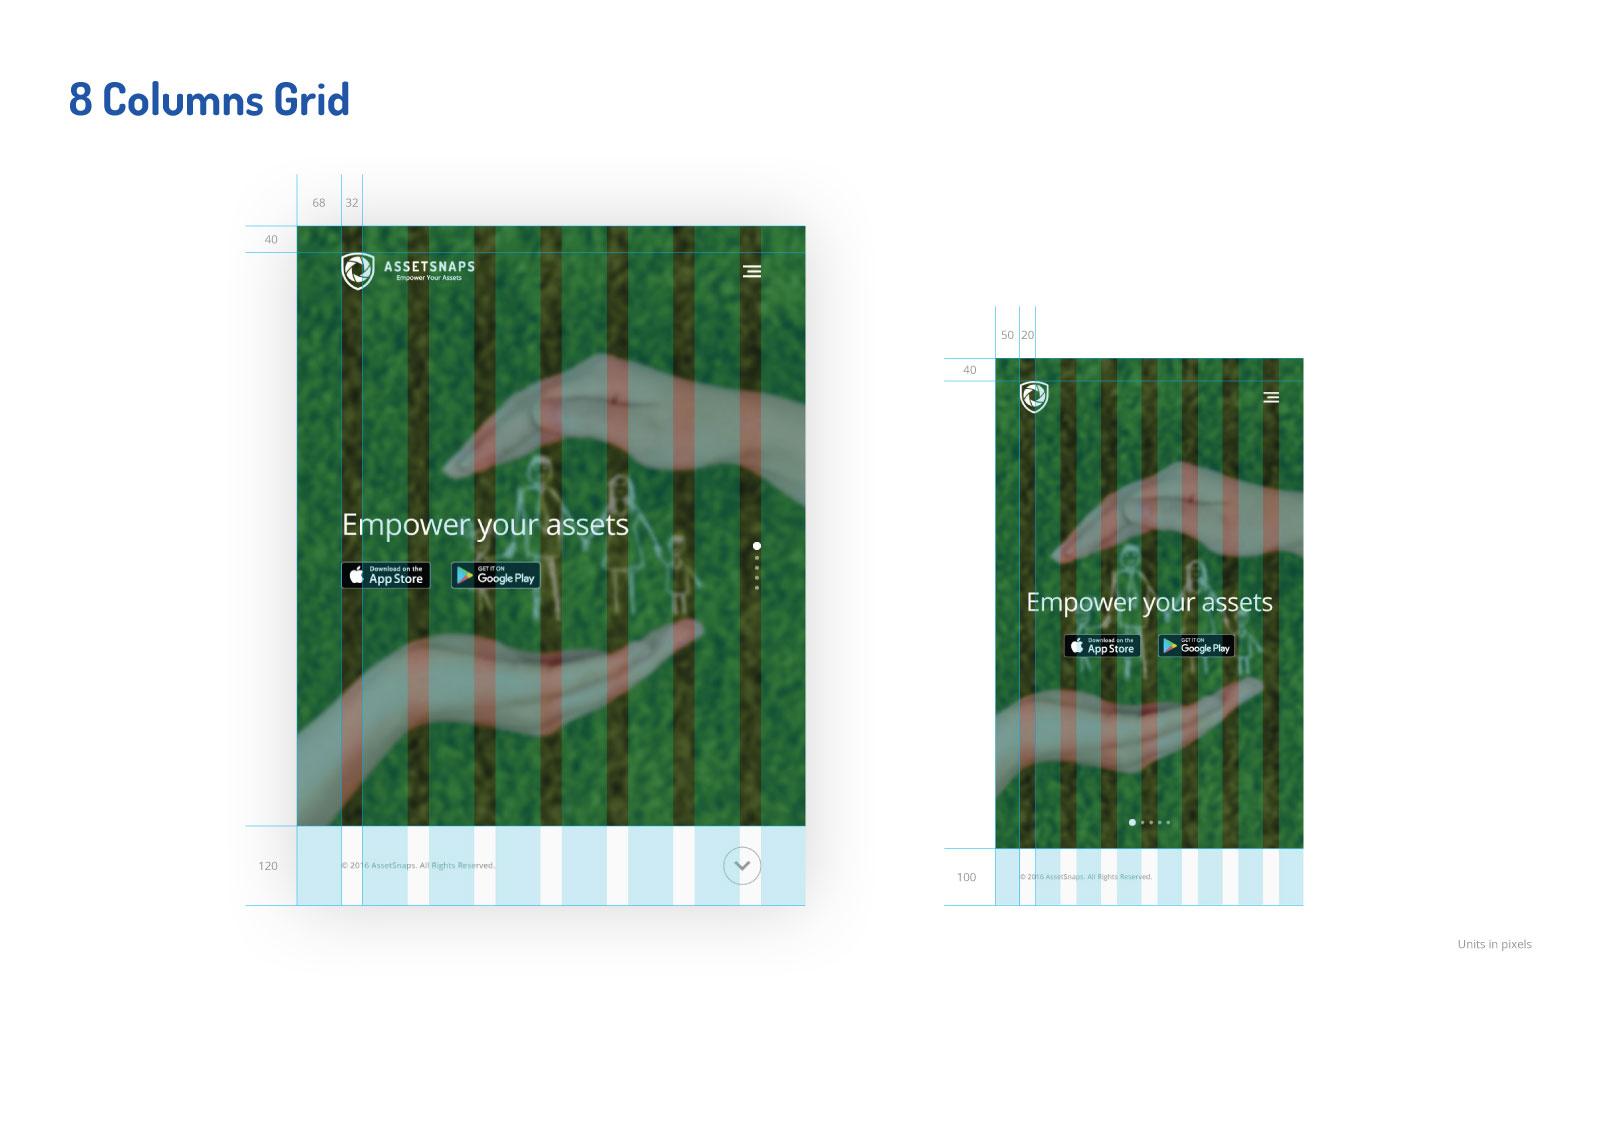 Asset Snaps - 8 Columns Grid